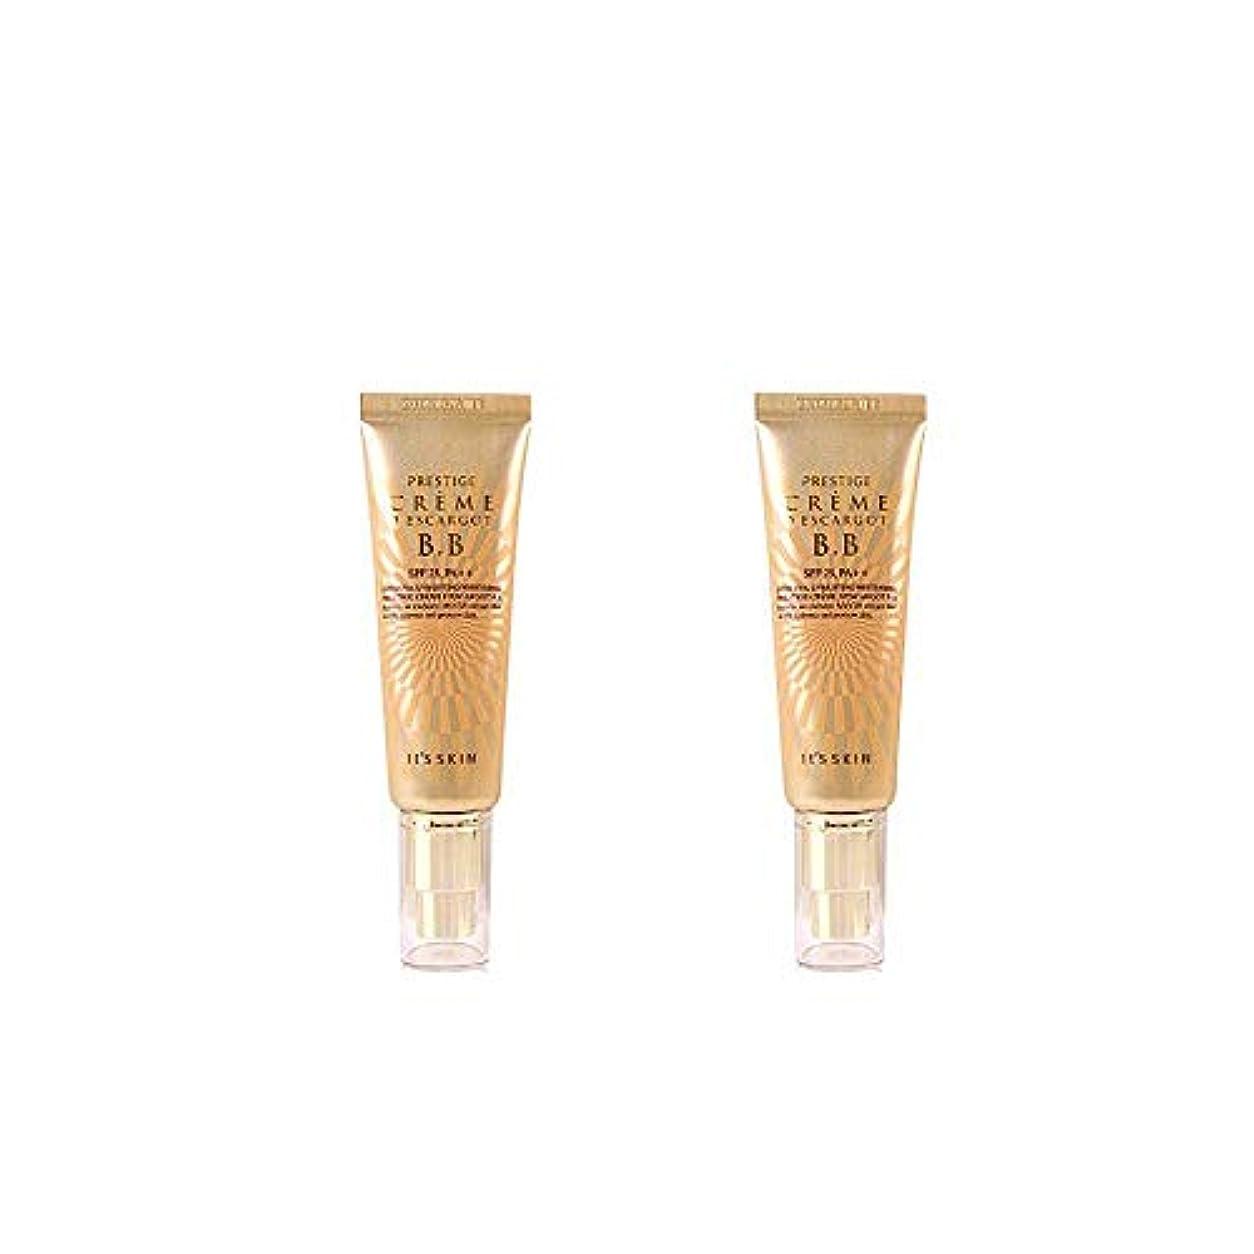 組み合わせる雑品ロッドIt's skin(イッツスキン) かたつむり成分配合 プレステージ クリーム エスカルゴ BB SPF25 PA++50ml*2EA